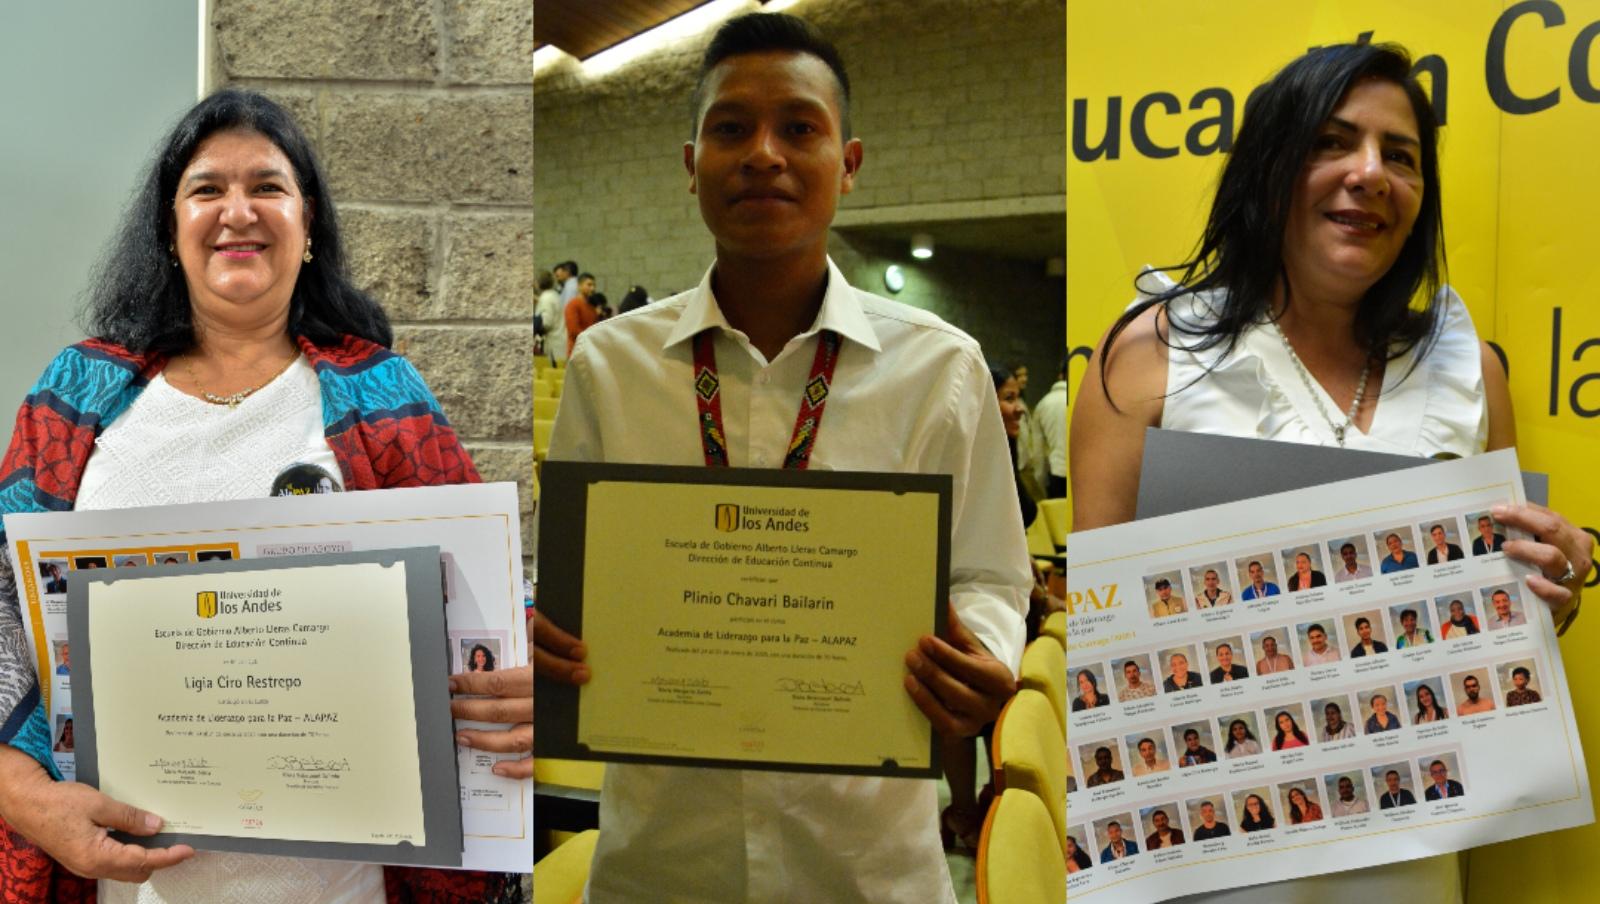 Cuarenta líderes sociales se graduaron de la tercera promoción de Academia de Liderazgo para la Paz